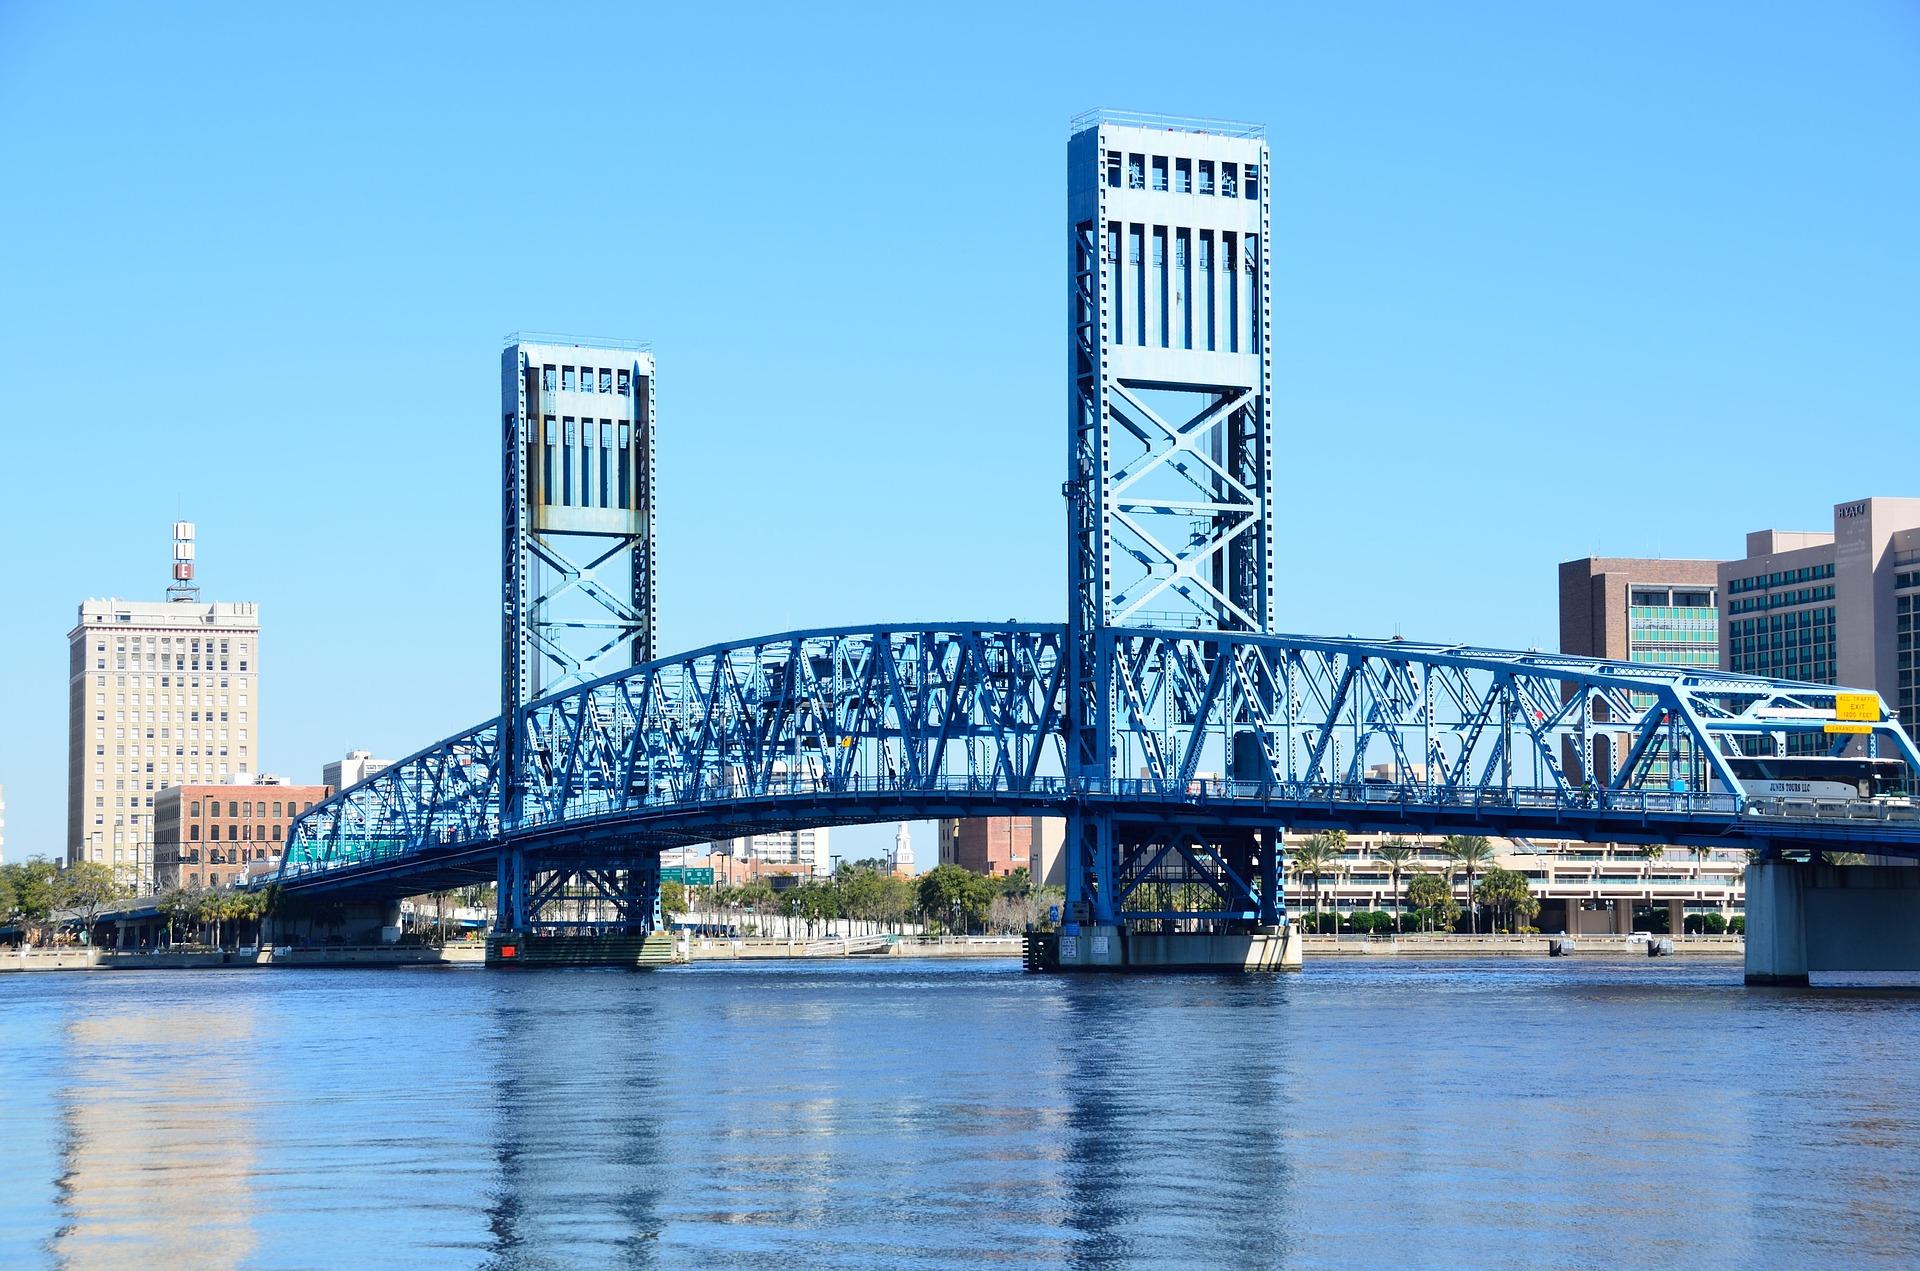 blue-bridge-1600619_1920.jpg